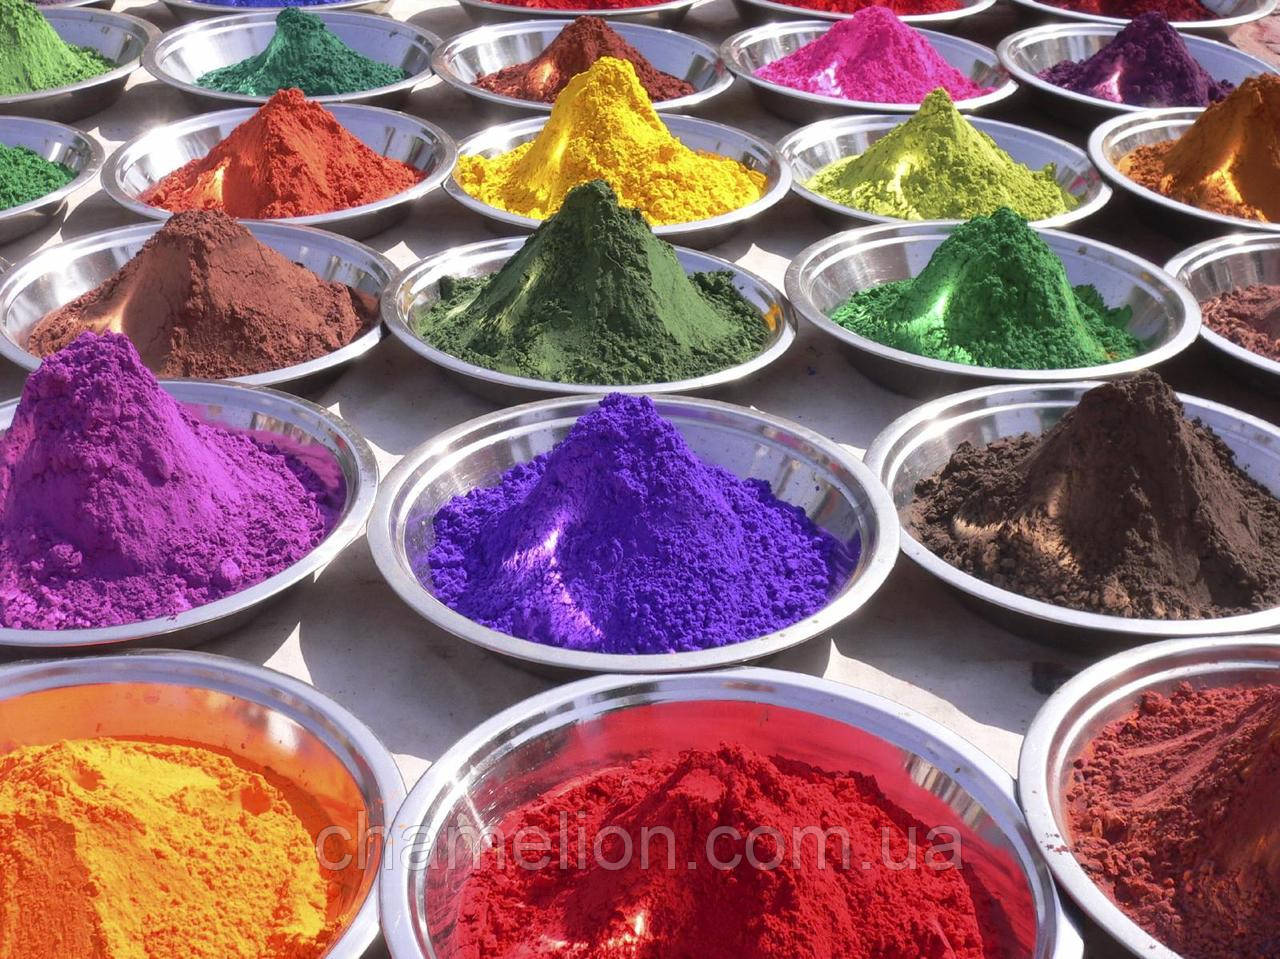 Червоно-фіолетовий аніліновий барвник 1 кг (Червоно-фіолетовий аніліновий барвник 1кг)